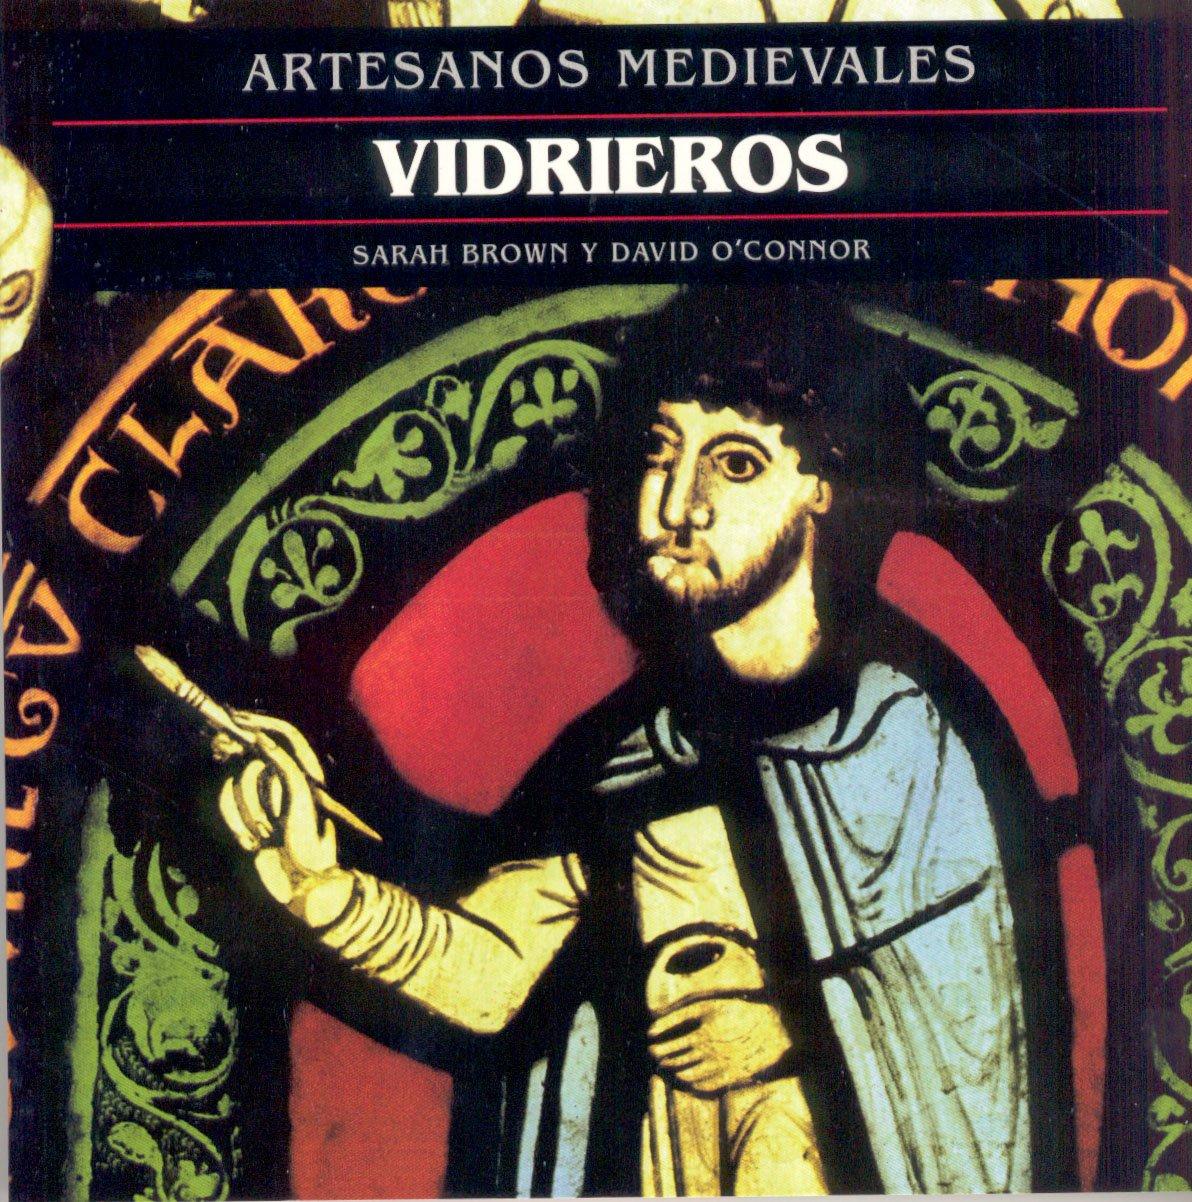 Vidrieros (Artesanos medievales): Amazon.es: Sarah Brown, David OConnor, Julio Rodríguez Puértolas: Libros